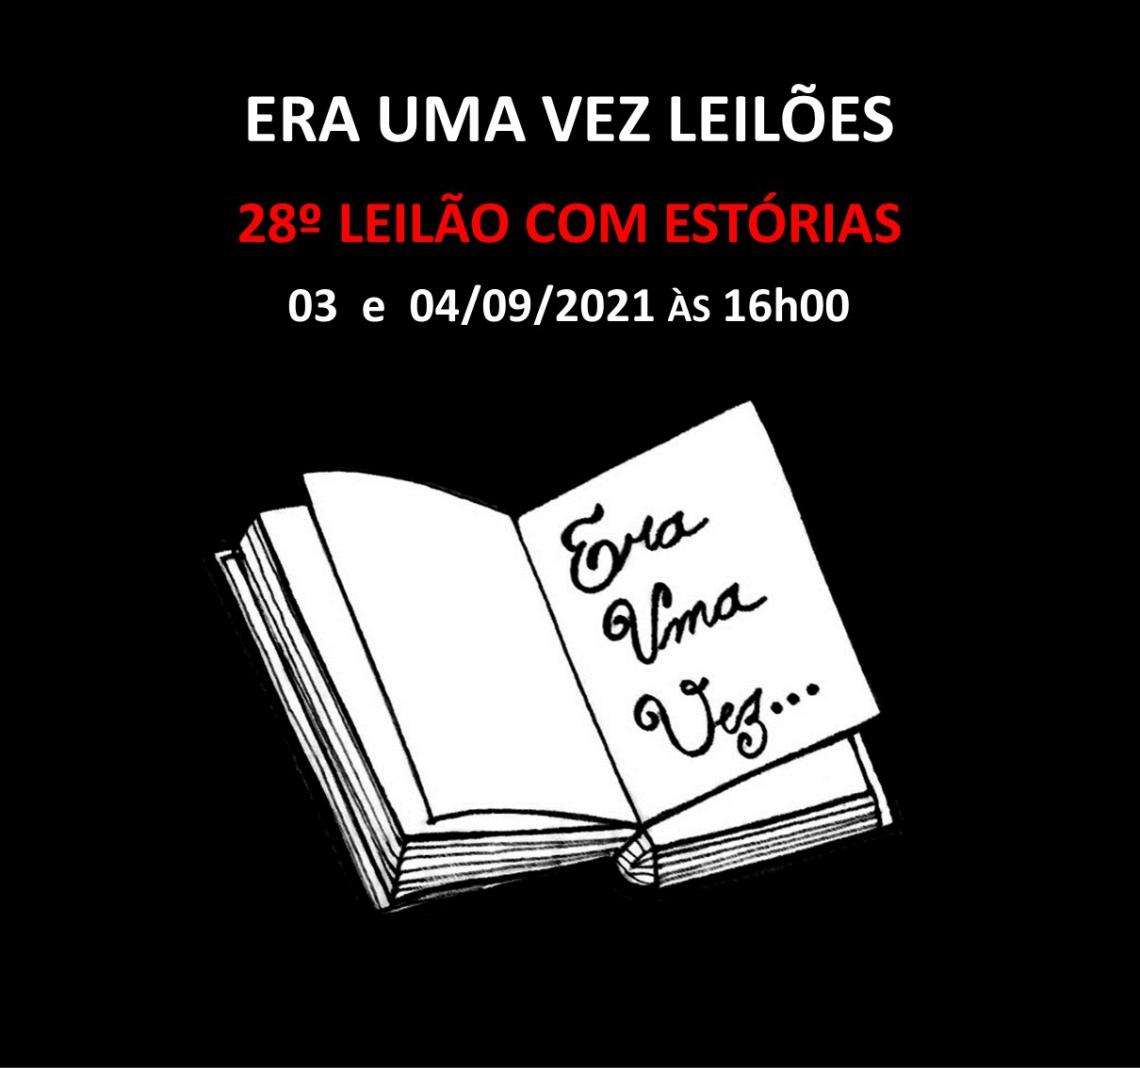 27º LEILÃO COM ESTÓRIAS - 06 e 07/08/2021 às 16h00